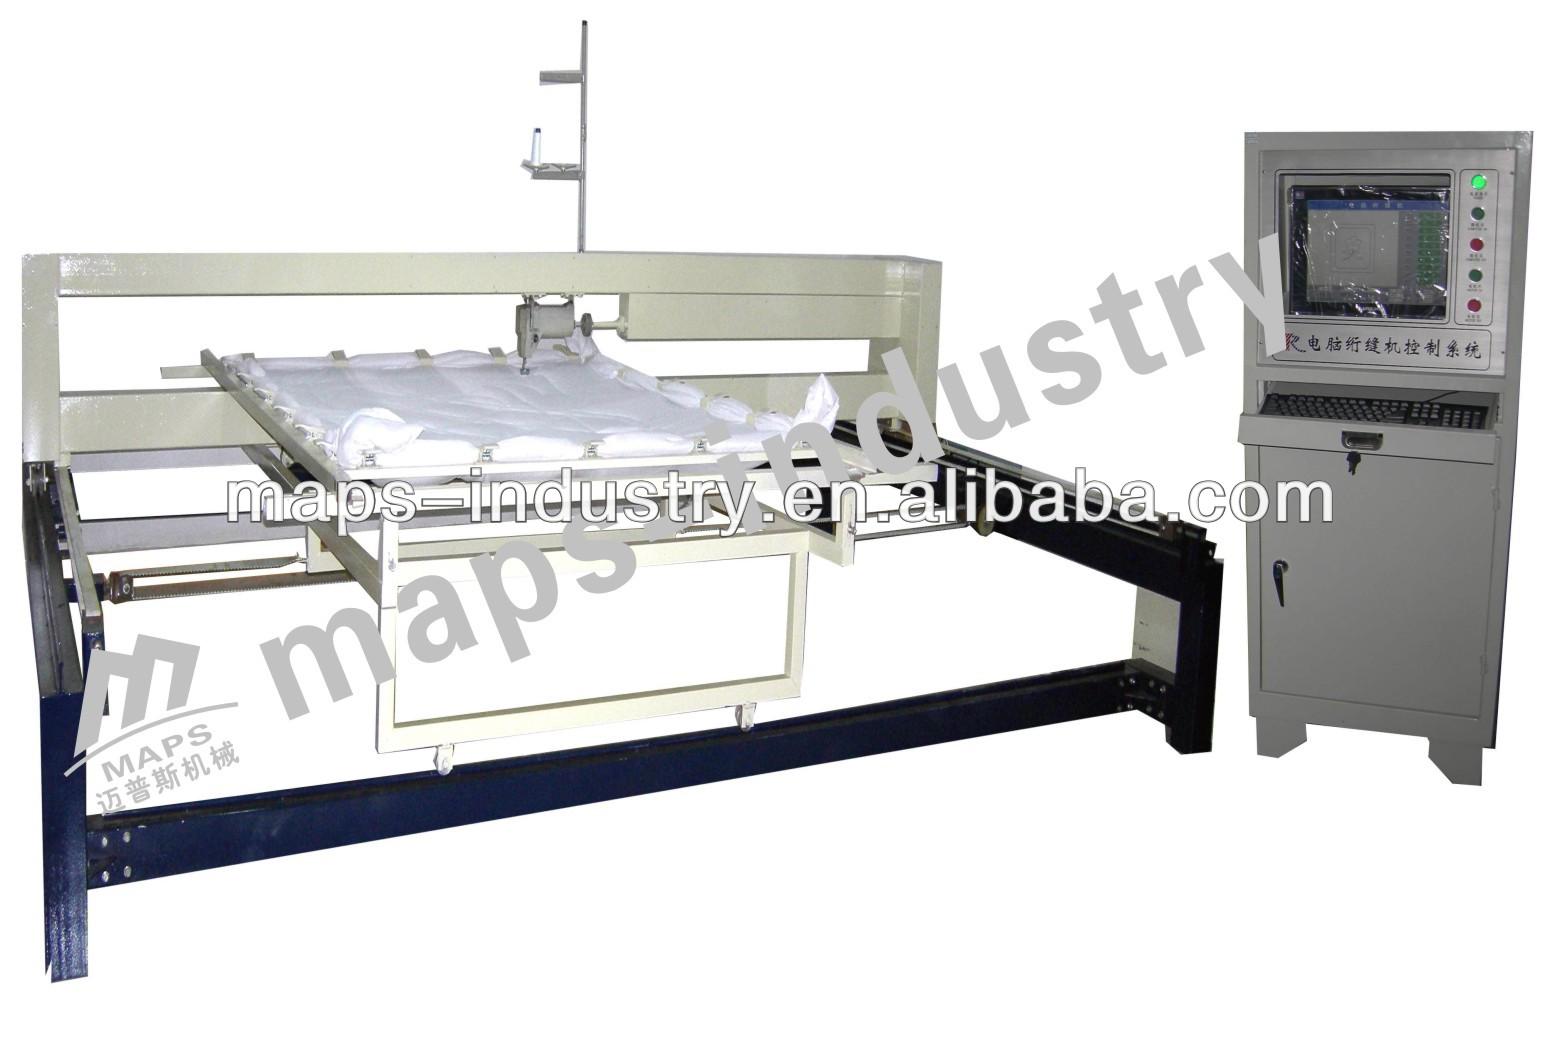 arm quilting machine used